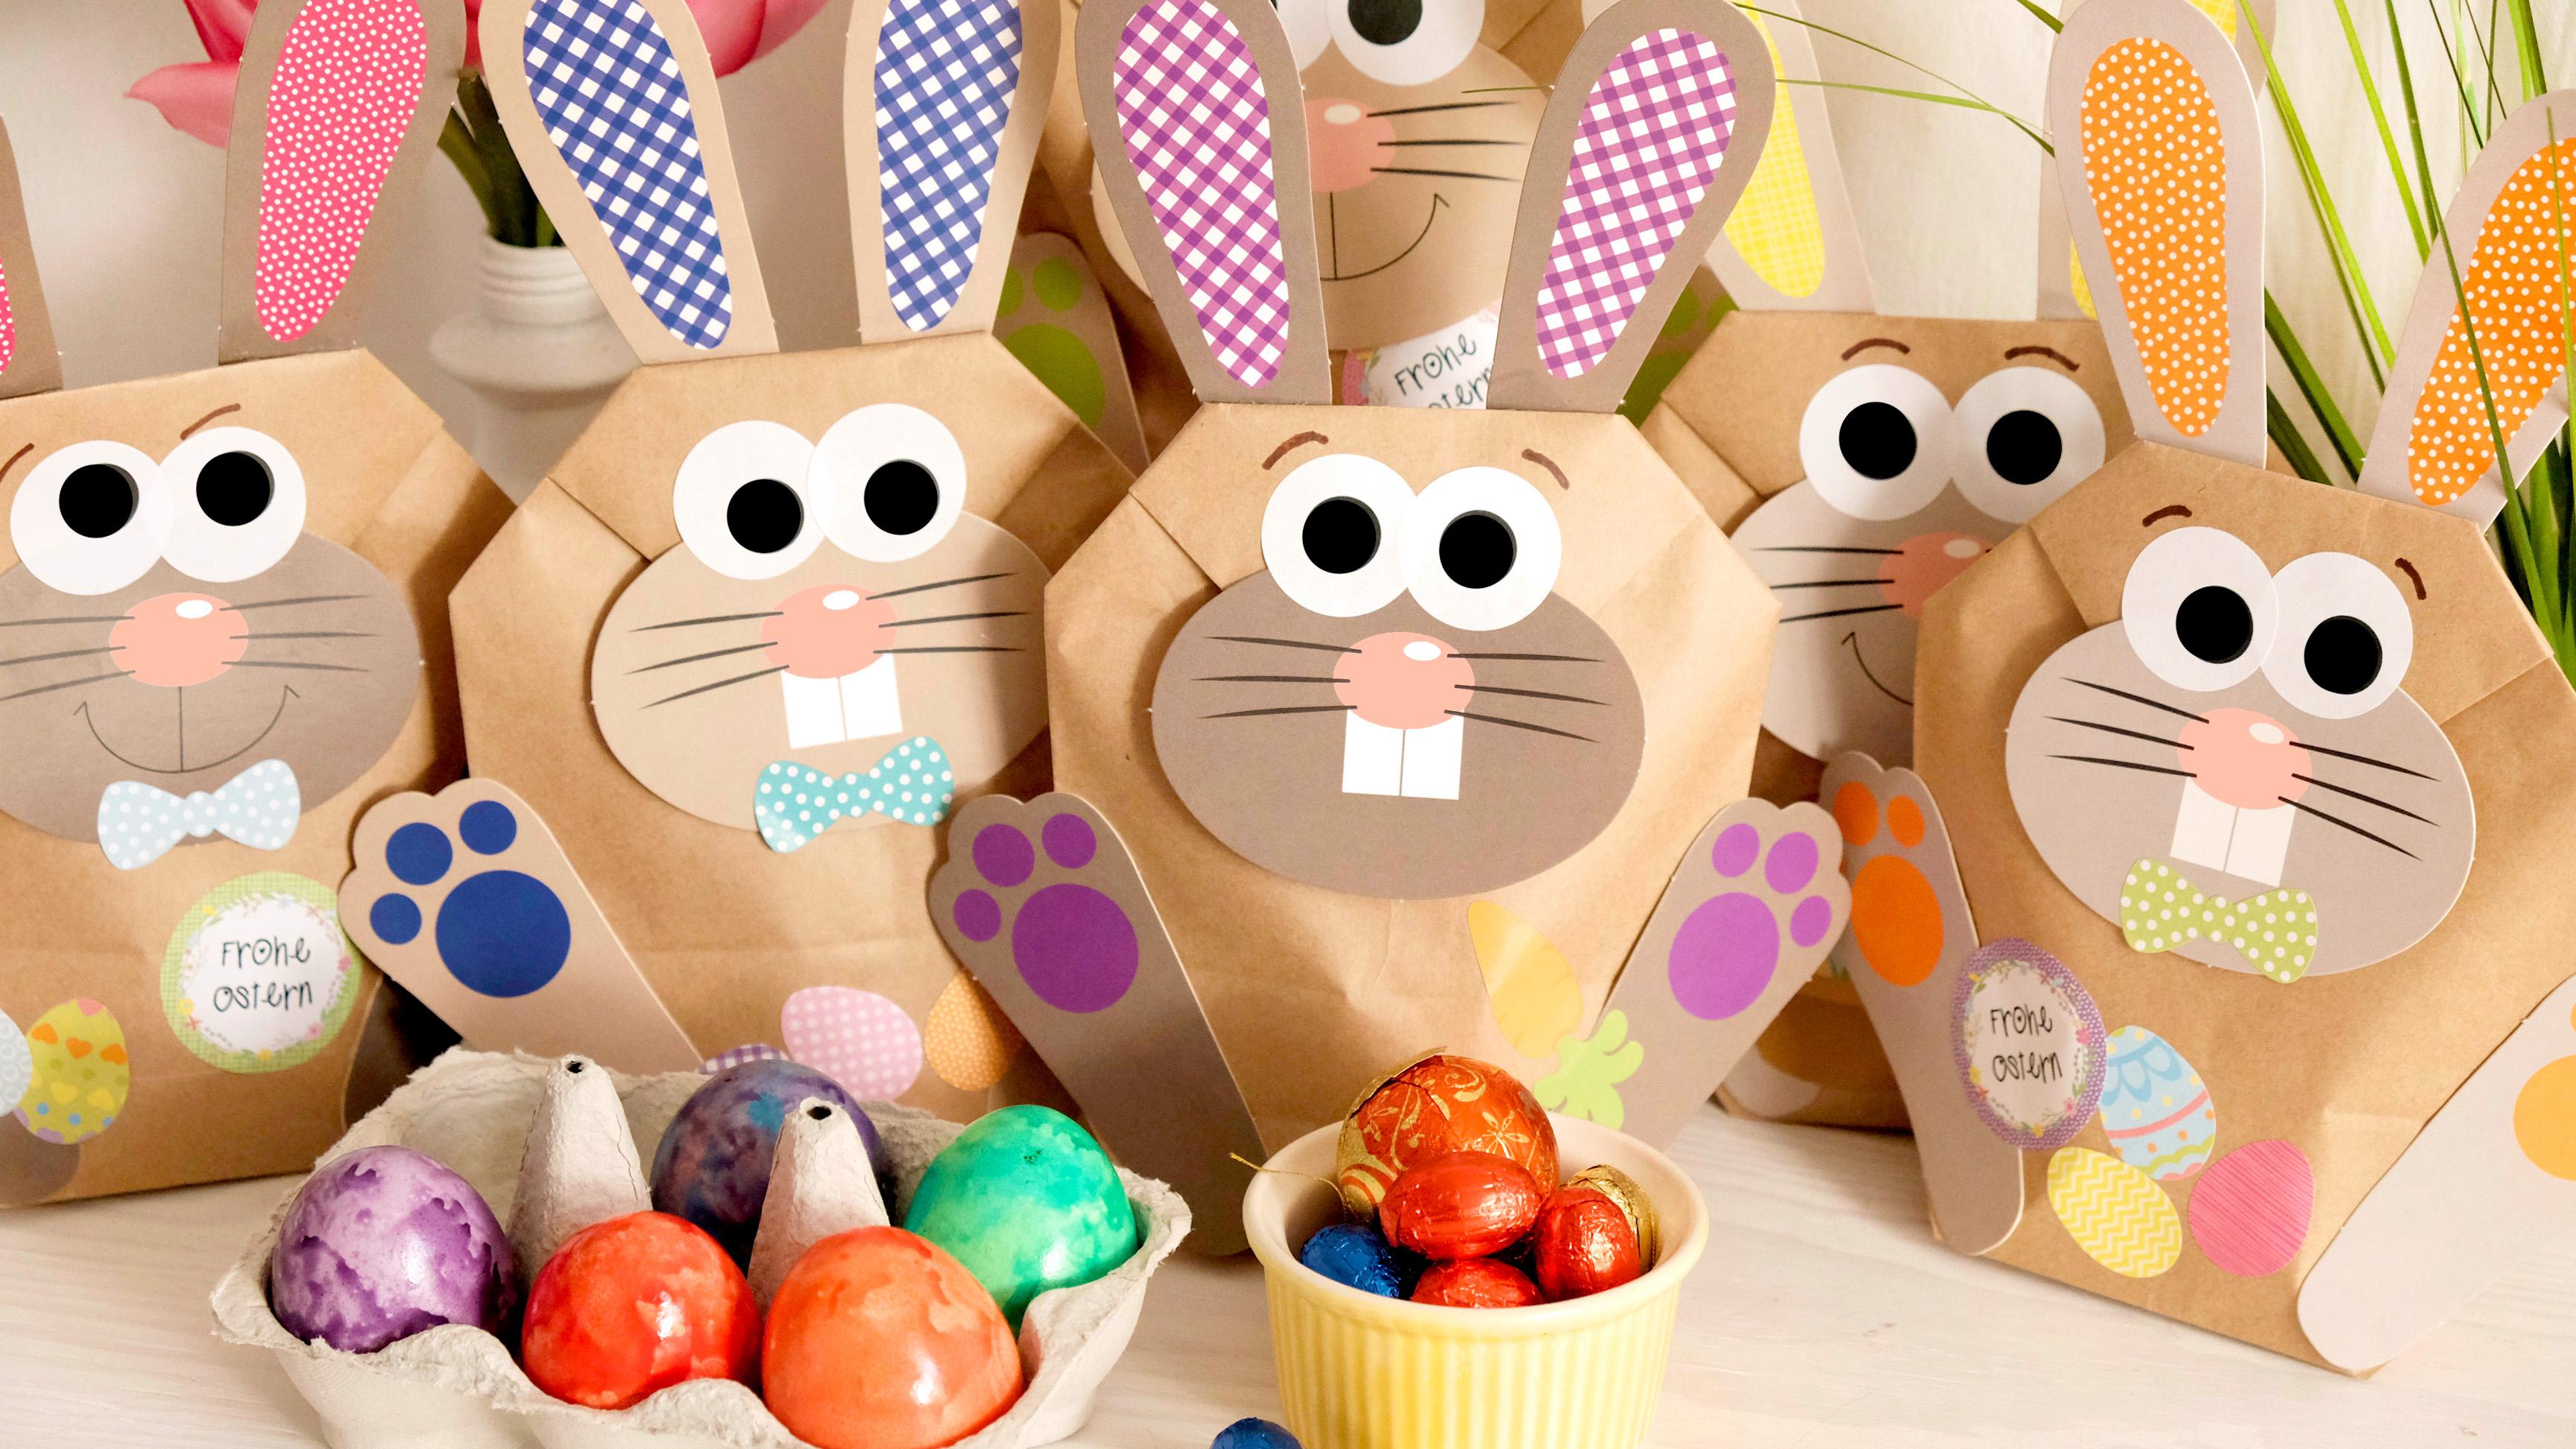 Ostern in der Tüte schenken - ein liebevolles Geschenk von Herzen